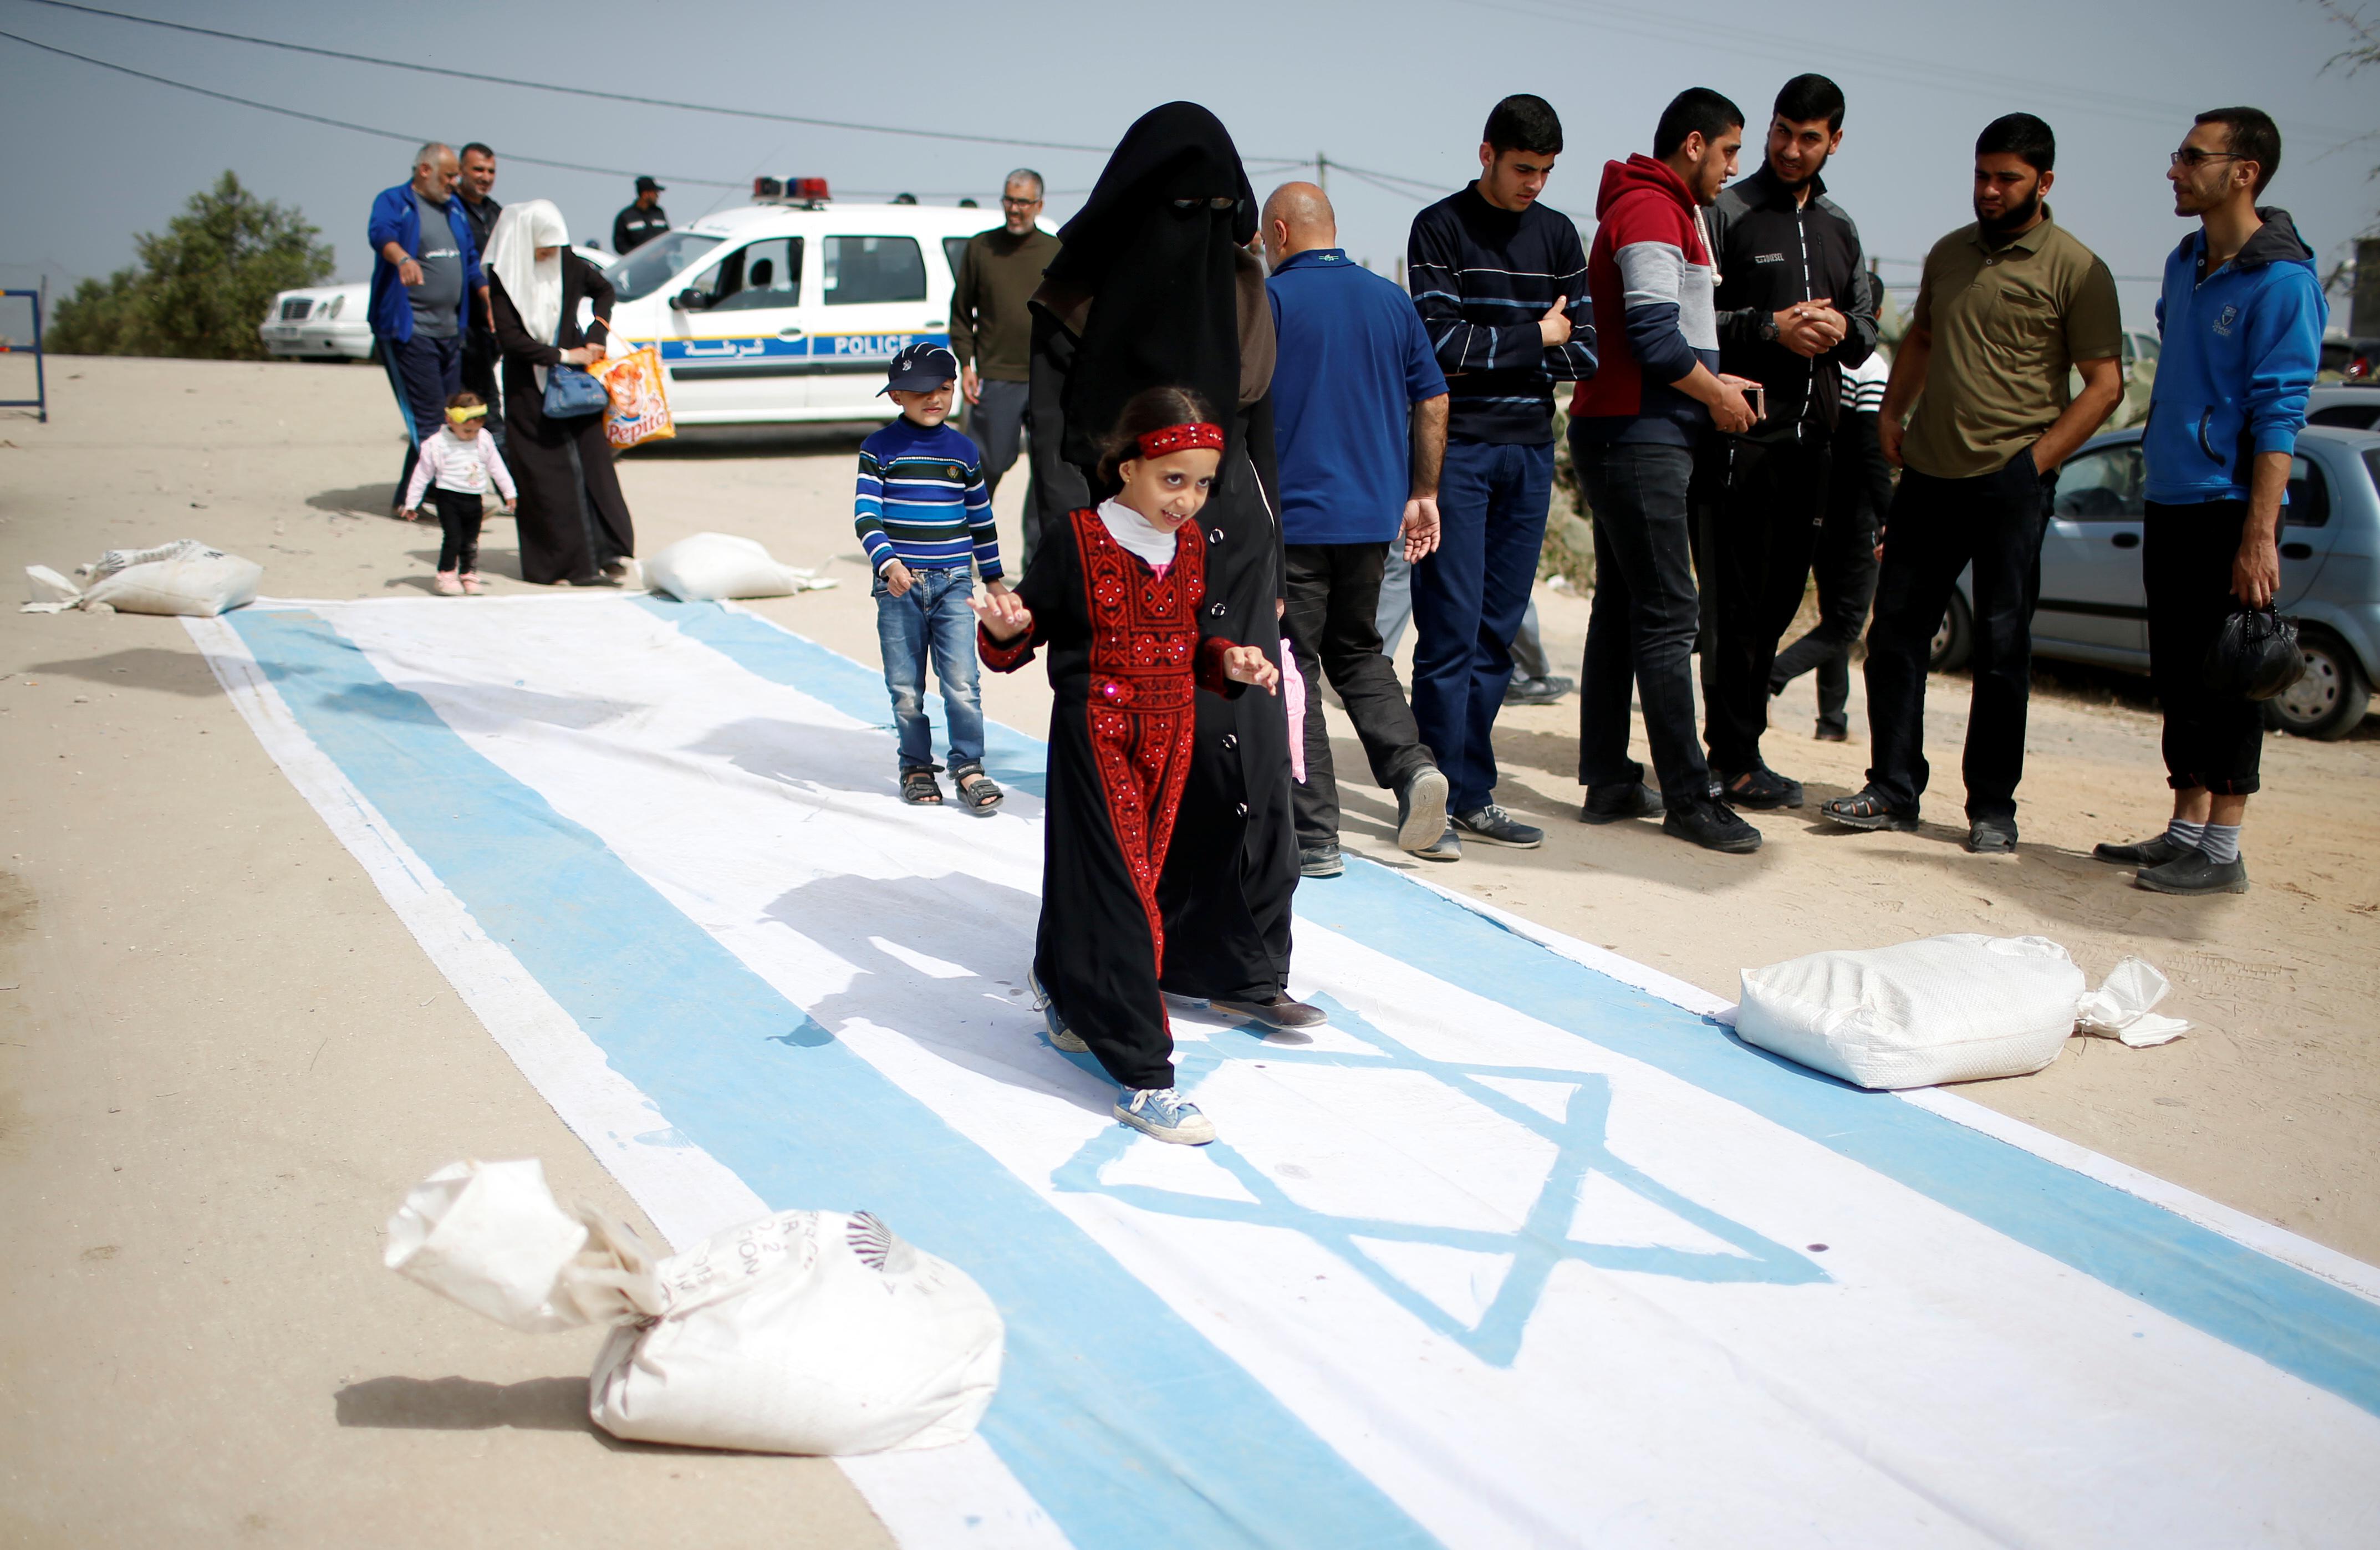 فلسطينية تدهس علم إسرائيل تحت قدميها